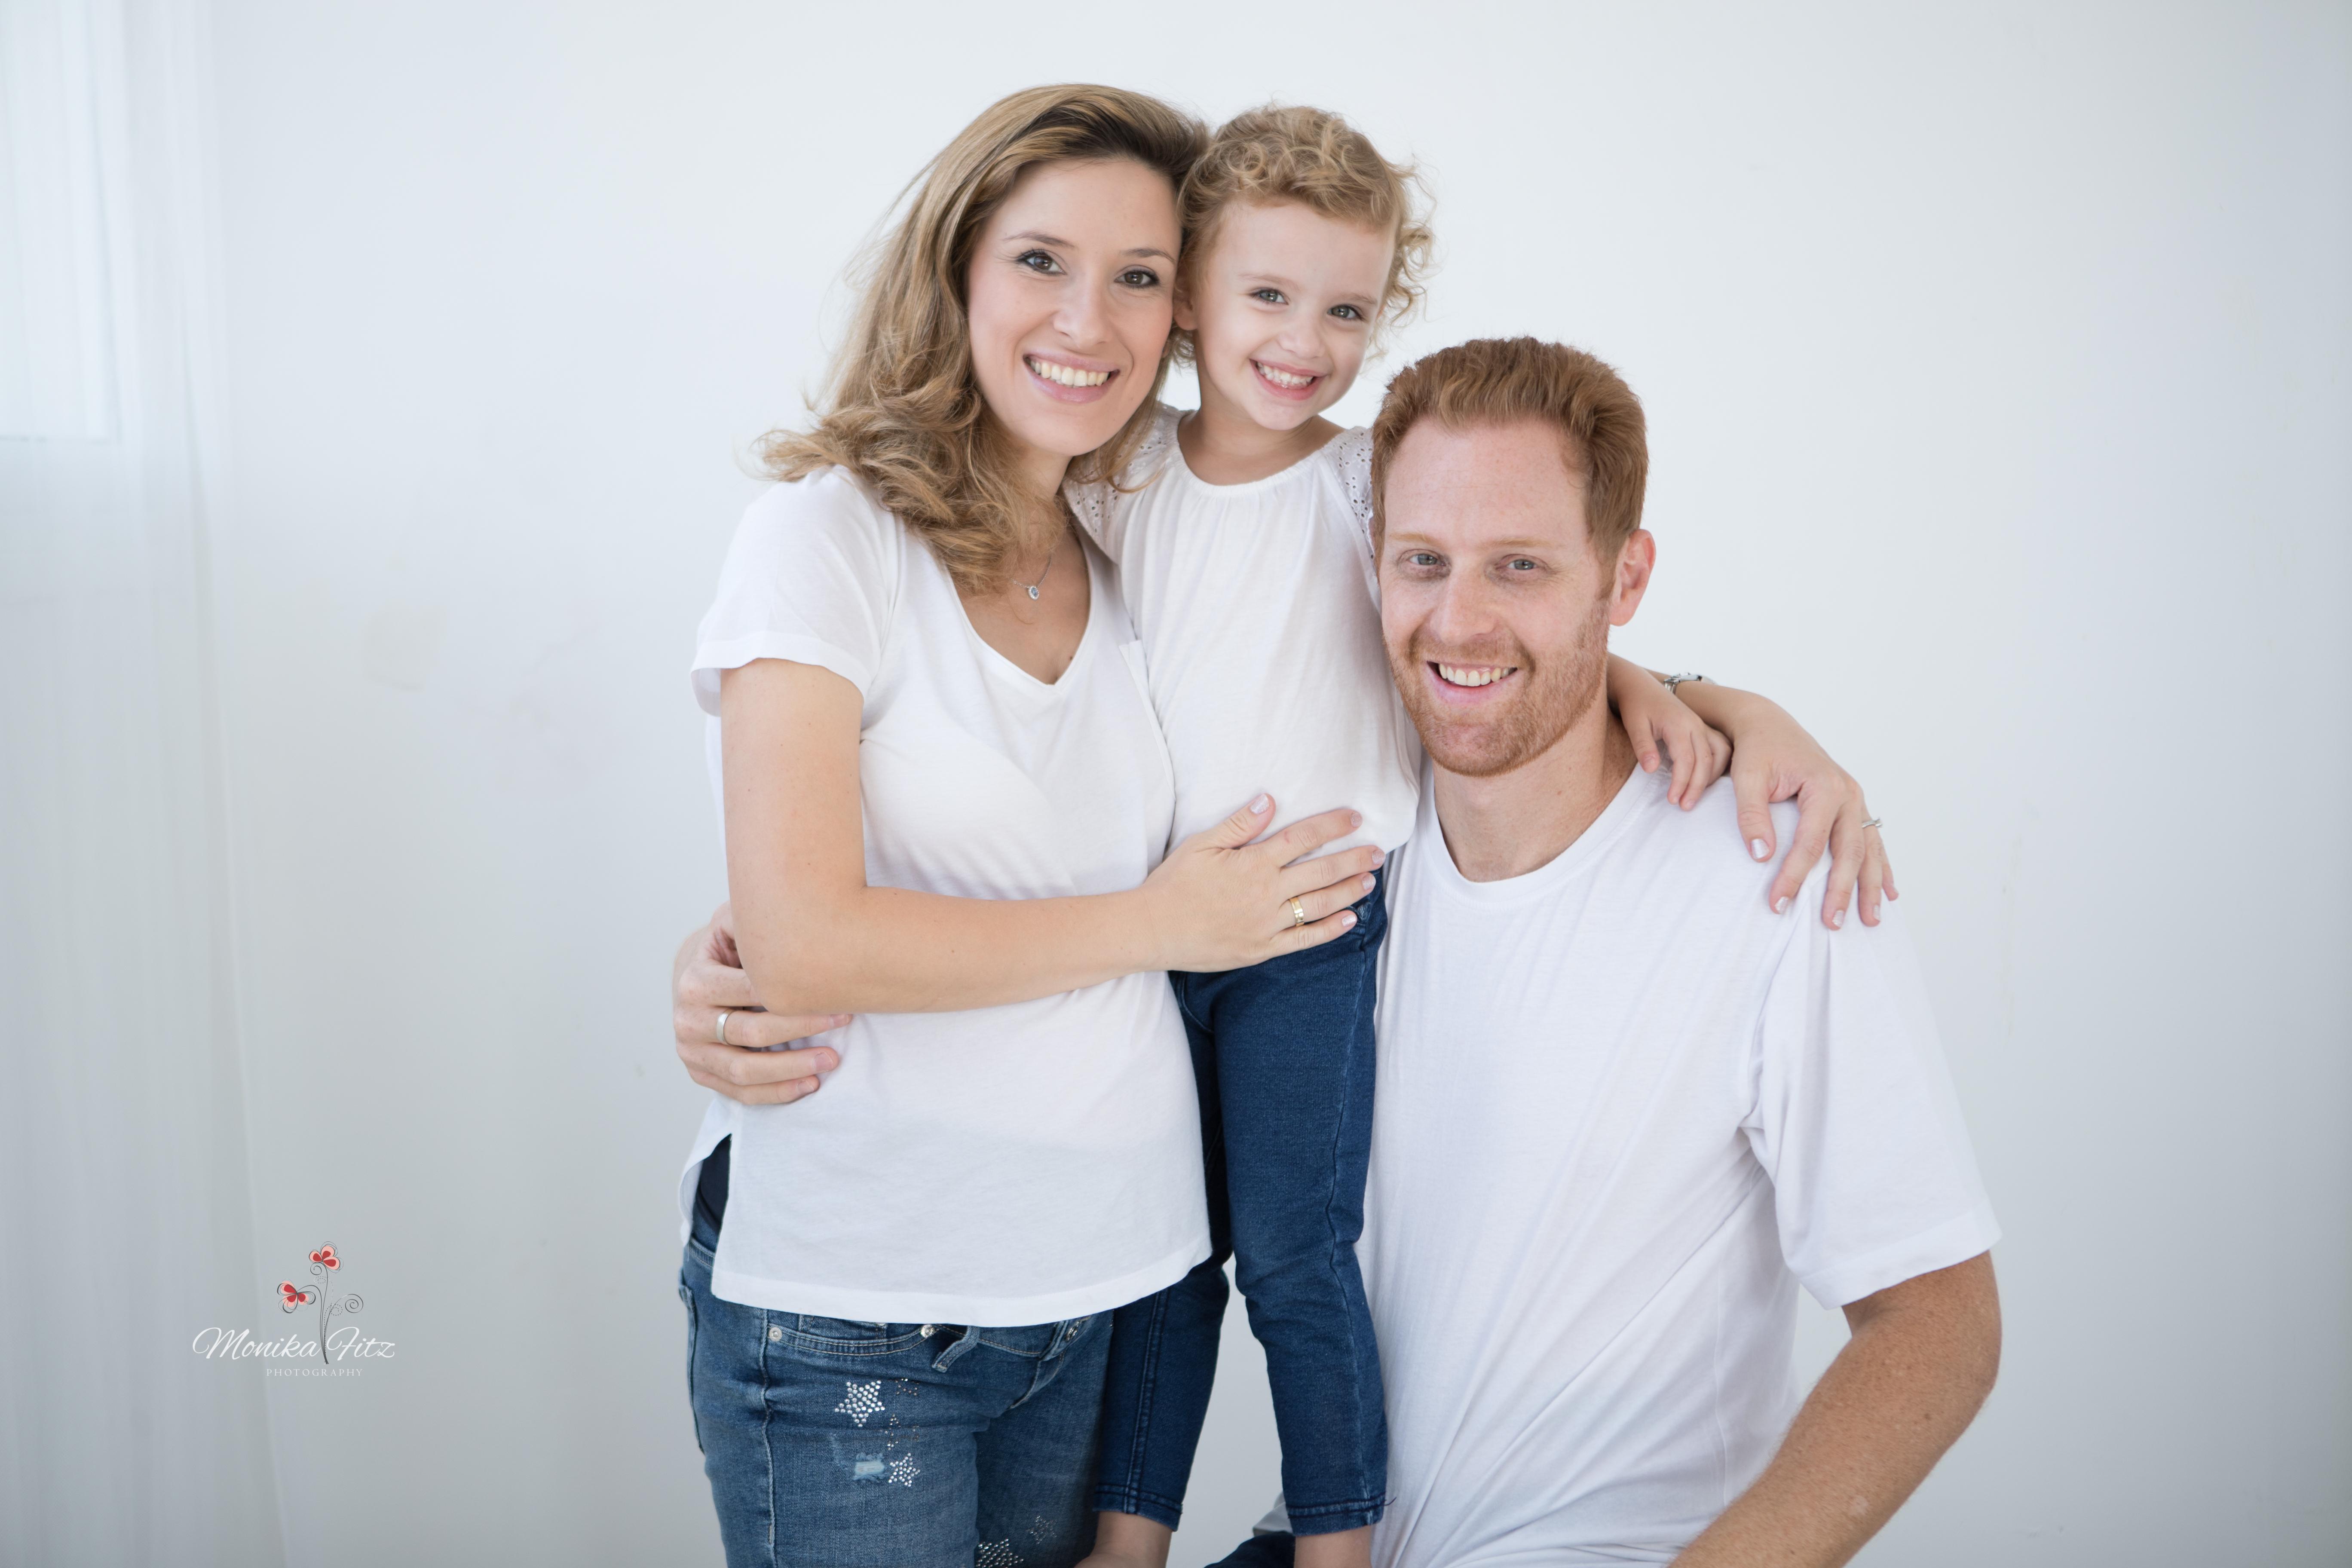 צילום משפחה בסטודיו בתאורה טבעית